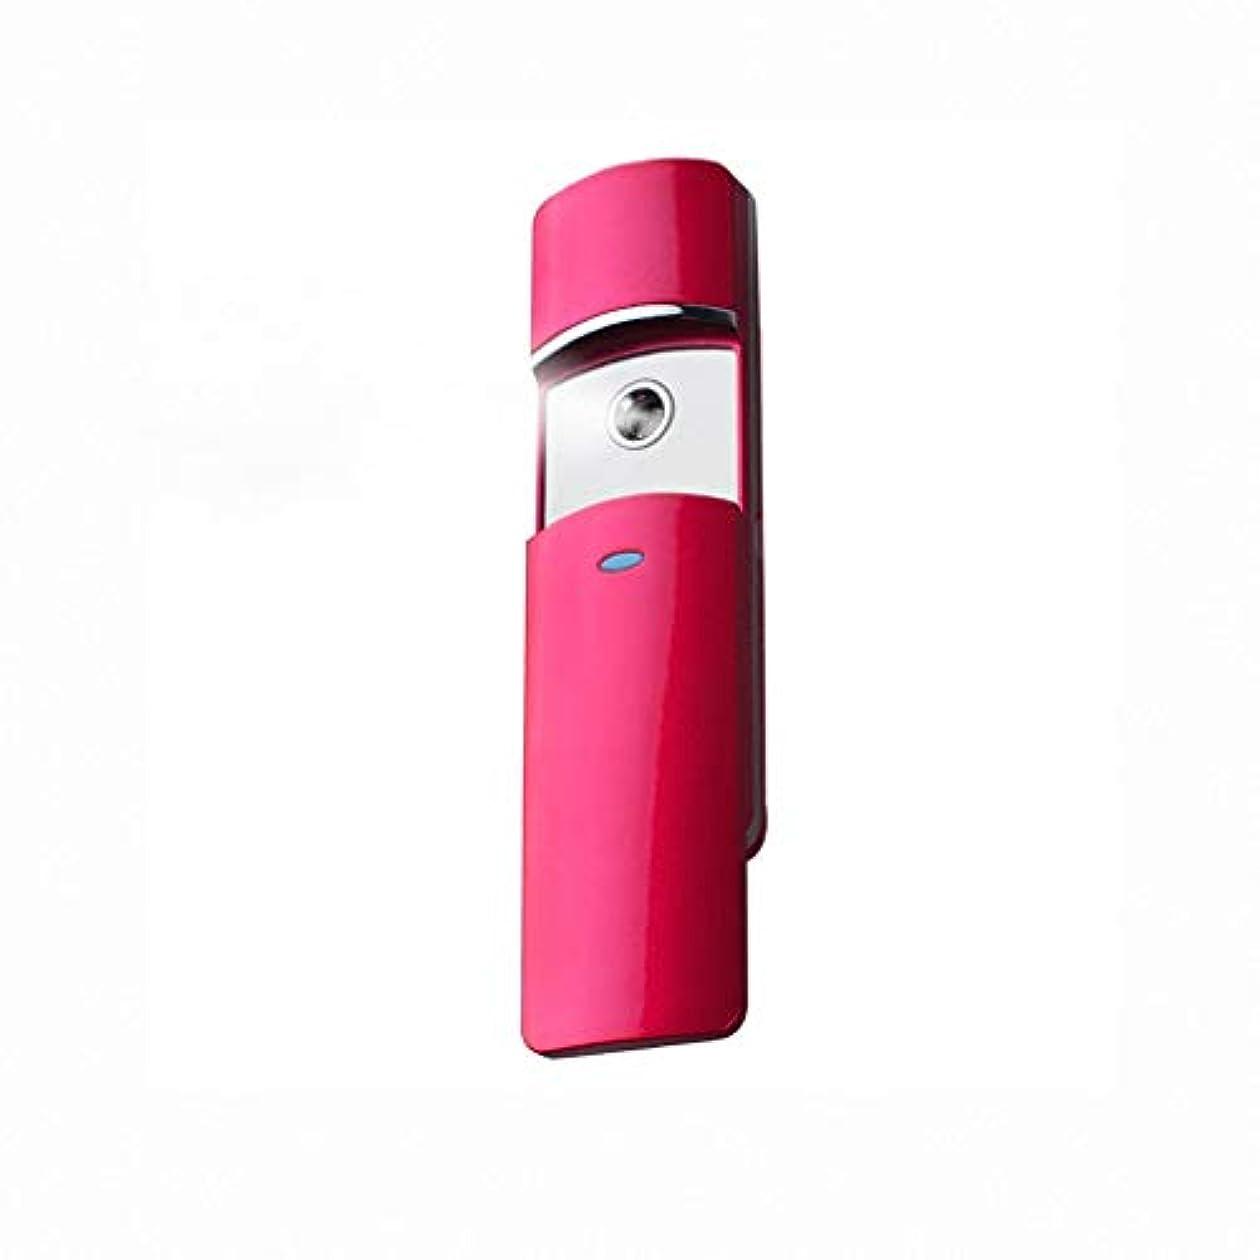 言及するペグ人事噴霧器usb充電式ポータブルフェイシャルスプレー用スキンケアメイクアップまつげエクステンションポータブル抗アレルギースチーマー充電器